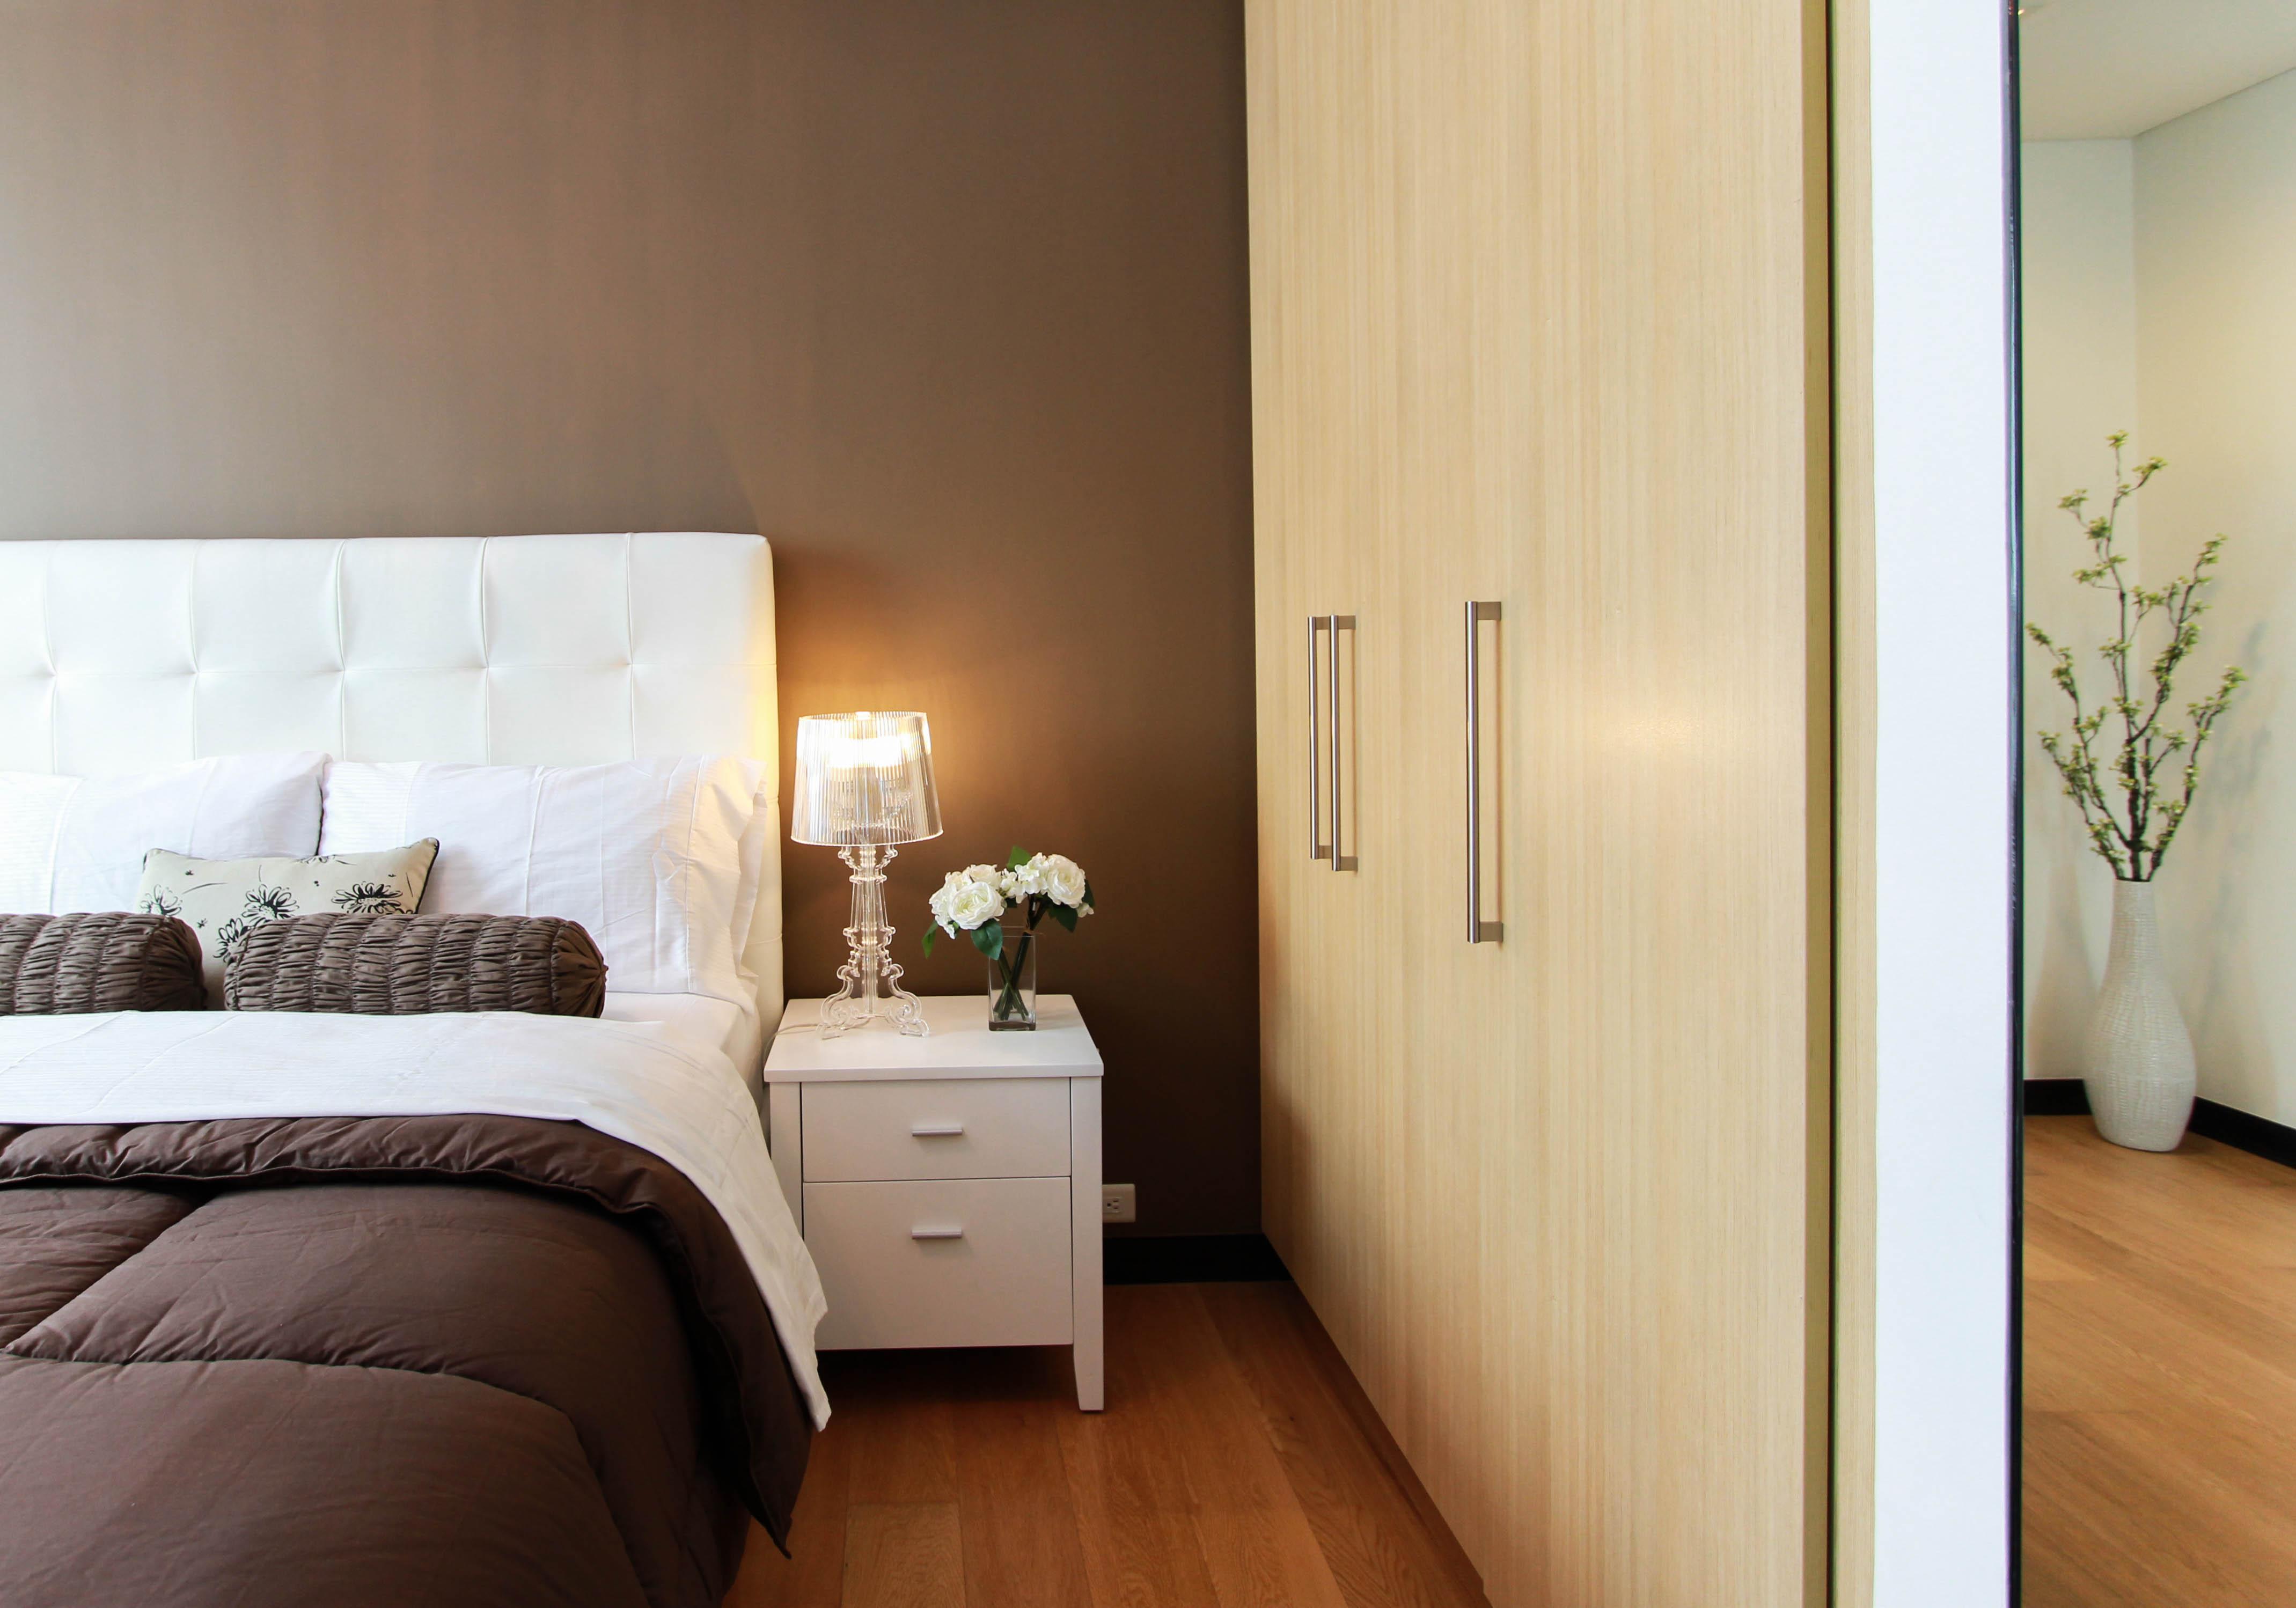 come arrestare la camera da letto in stile moderno